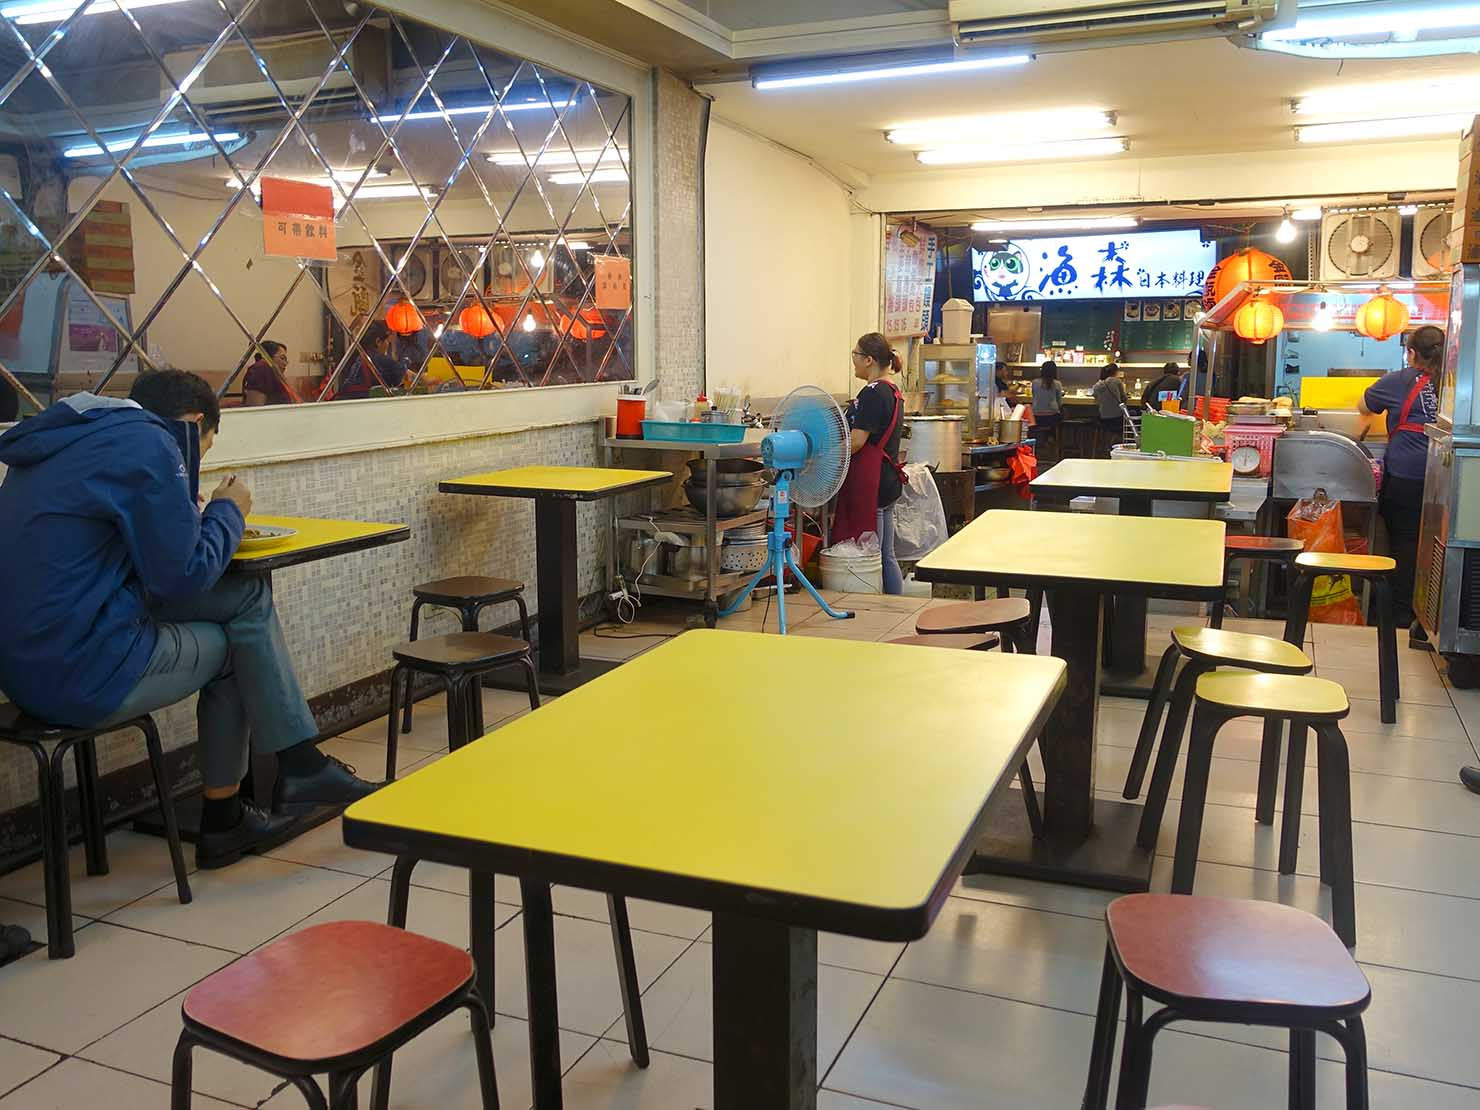 台北・師大夜市のおすすめ台湾グルメ店「金甌滷味」の店内